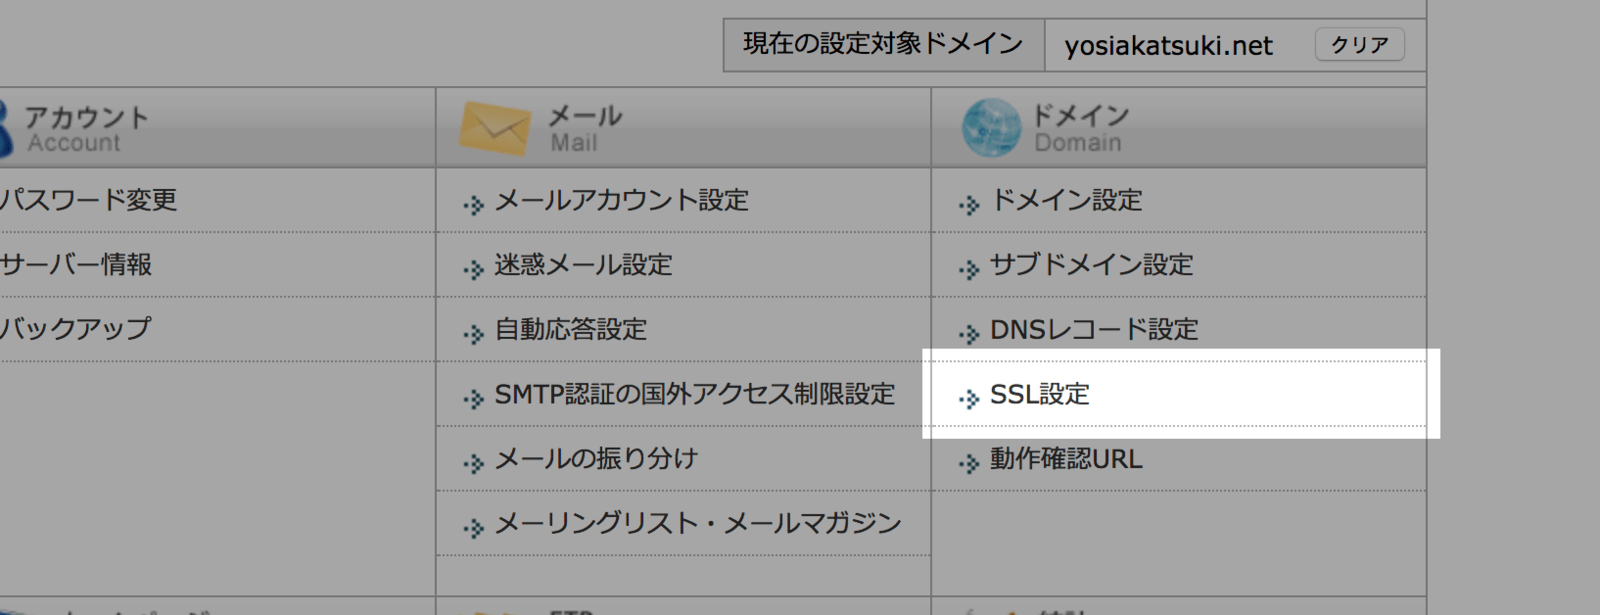 サーバーパネルから独自SSLの設定を行う